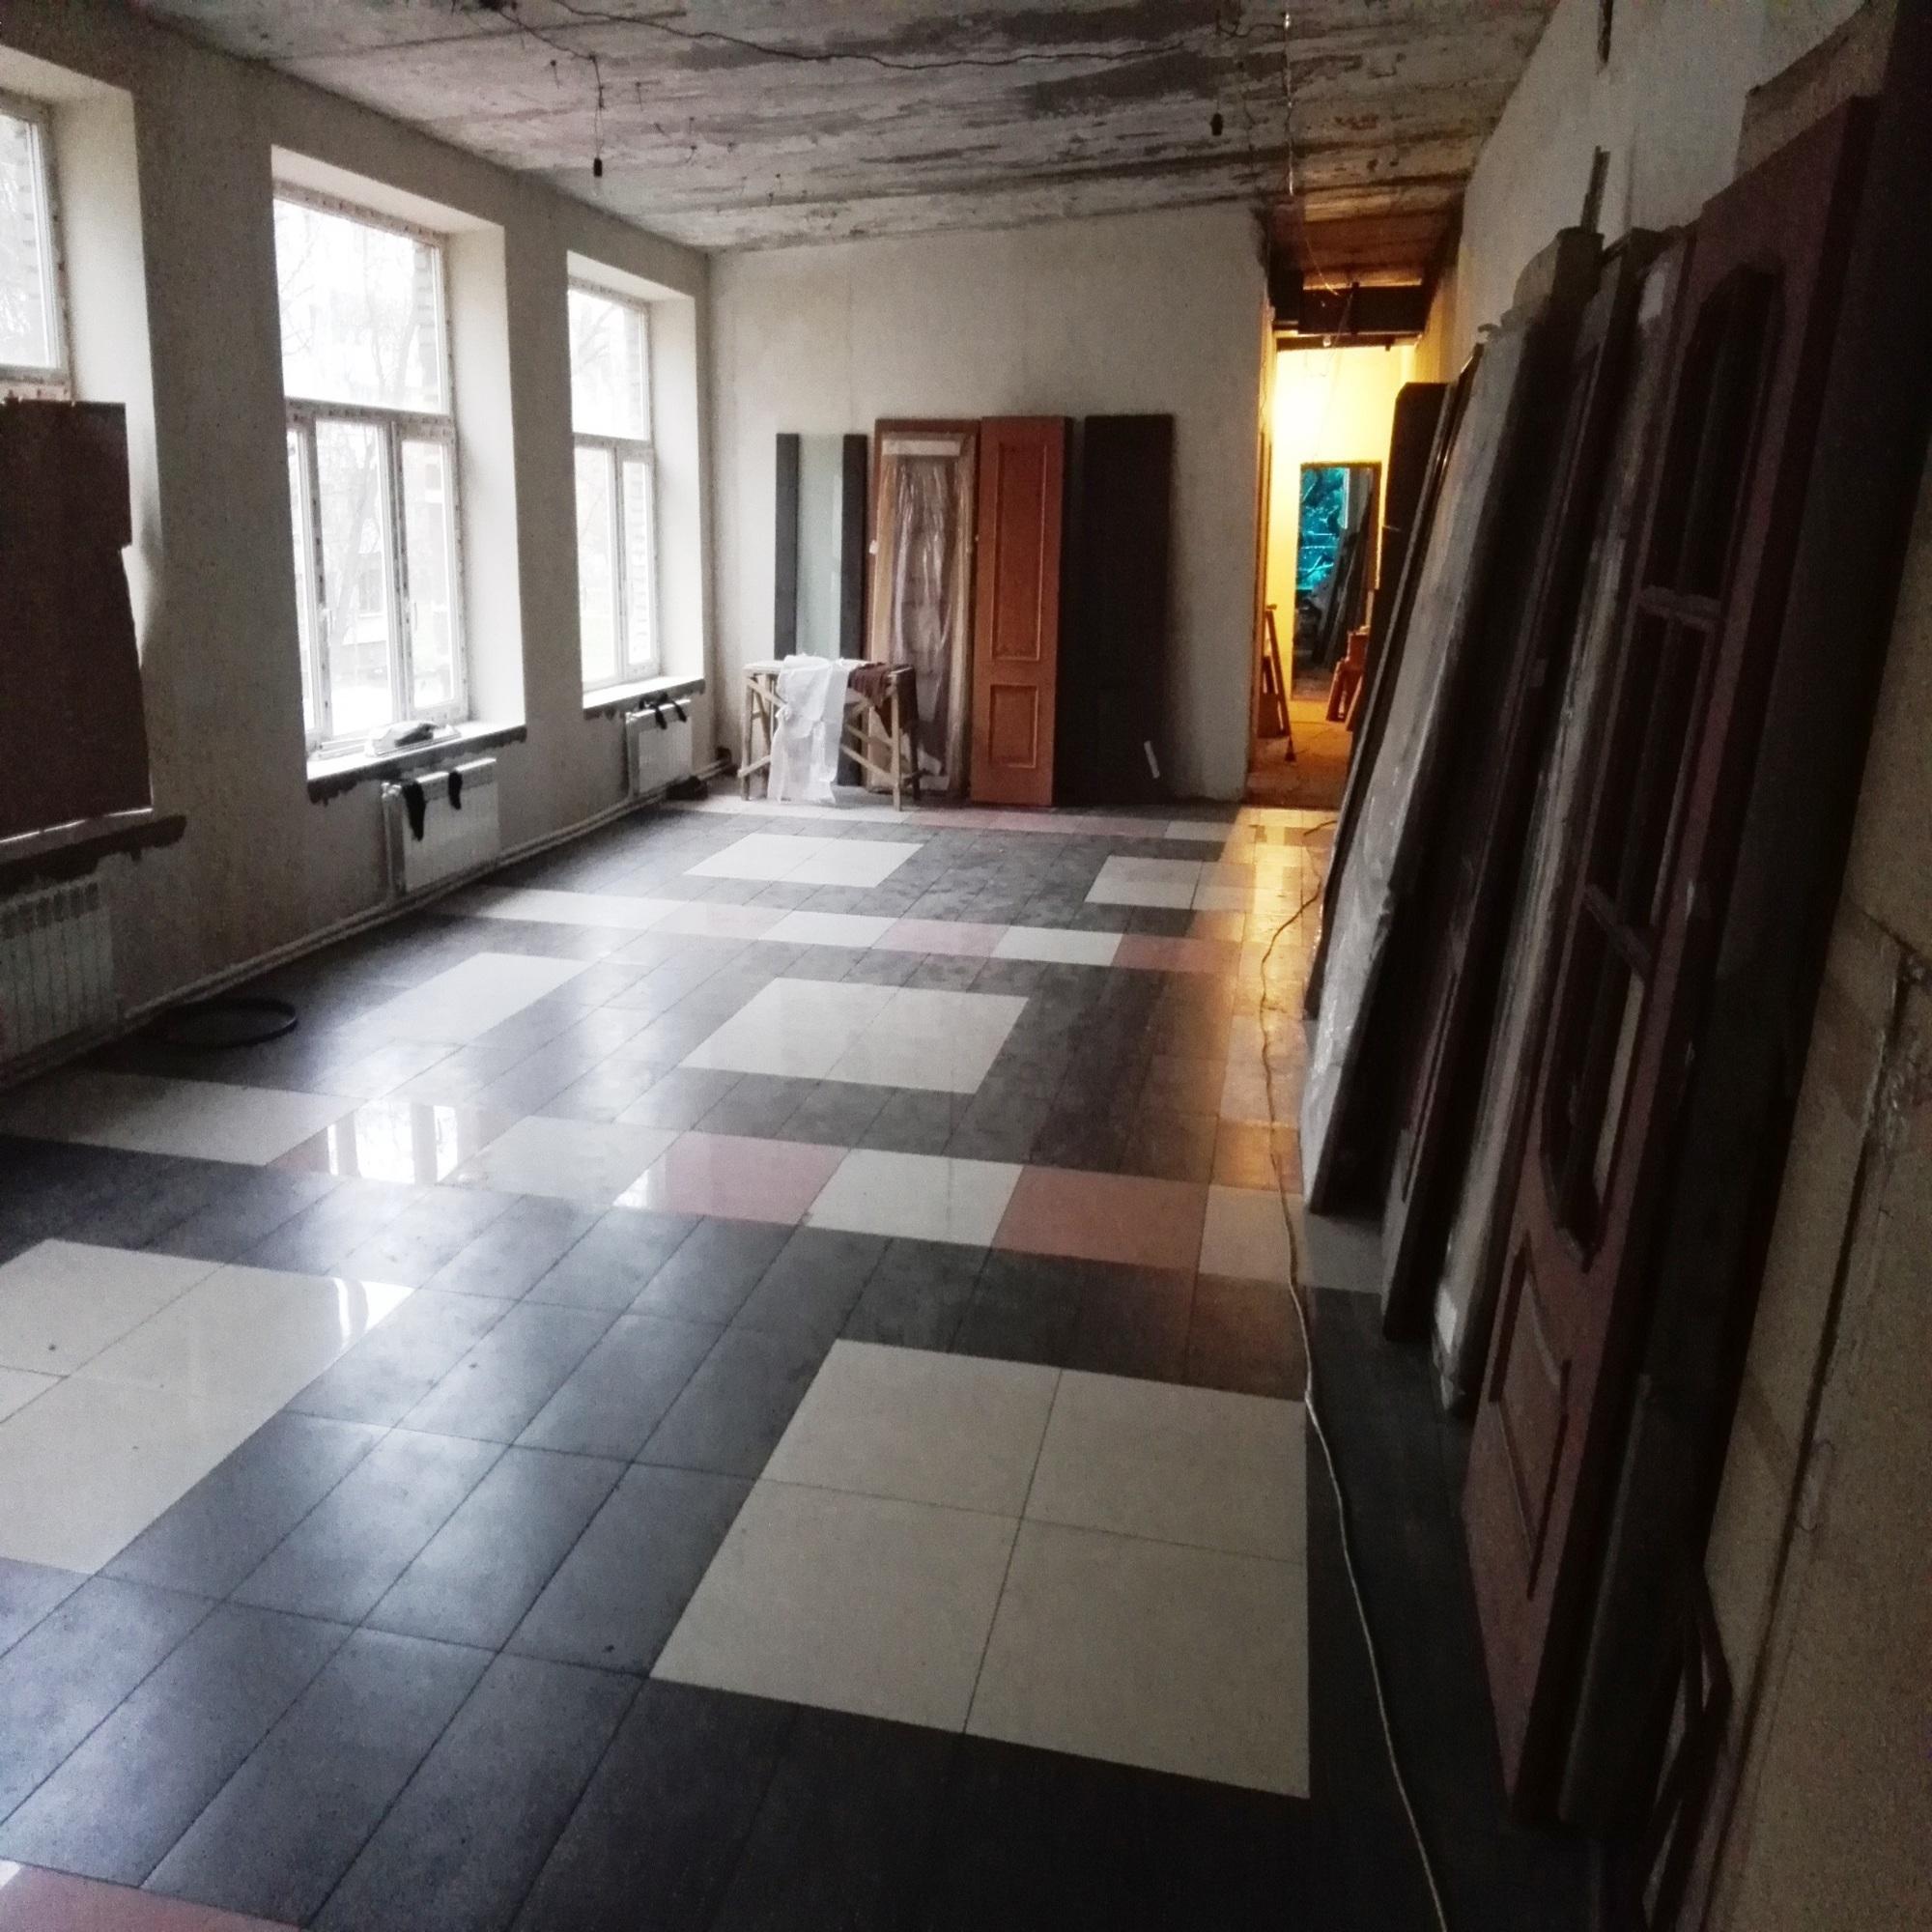 Аренда офисов в москве адреса самара коммерческая недвижимость фото, адреса